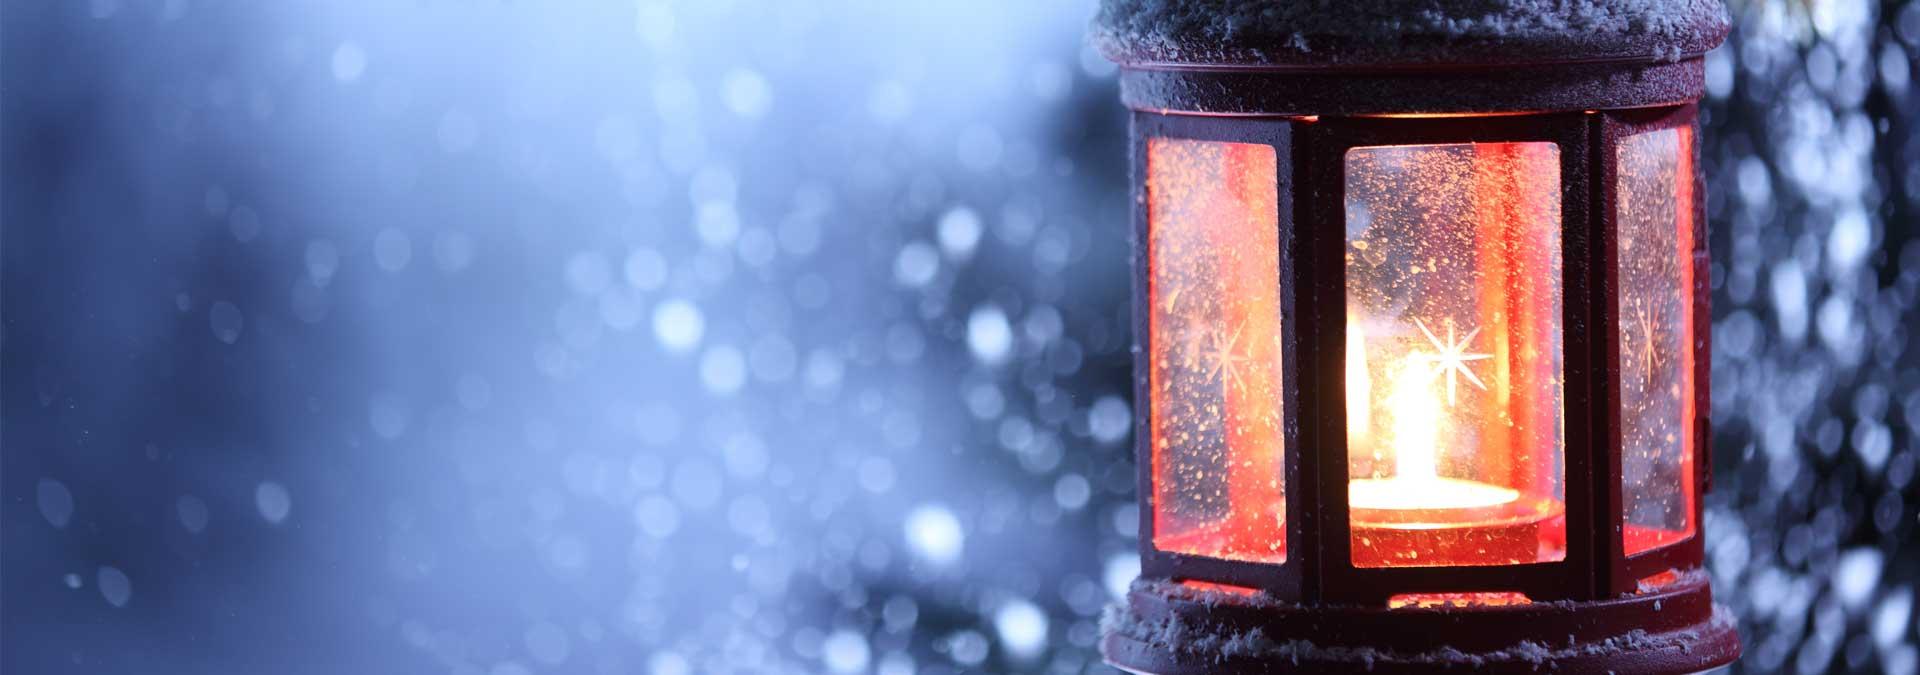 Mooie kerstwensen! - kerst quotes van Ingspire in het nederlands